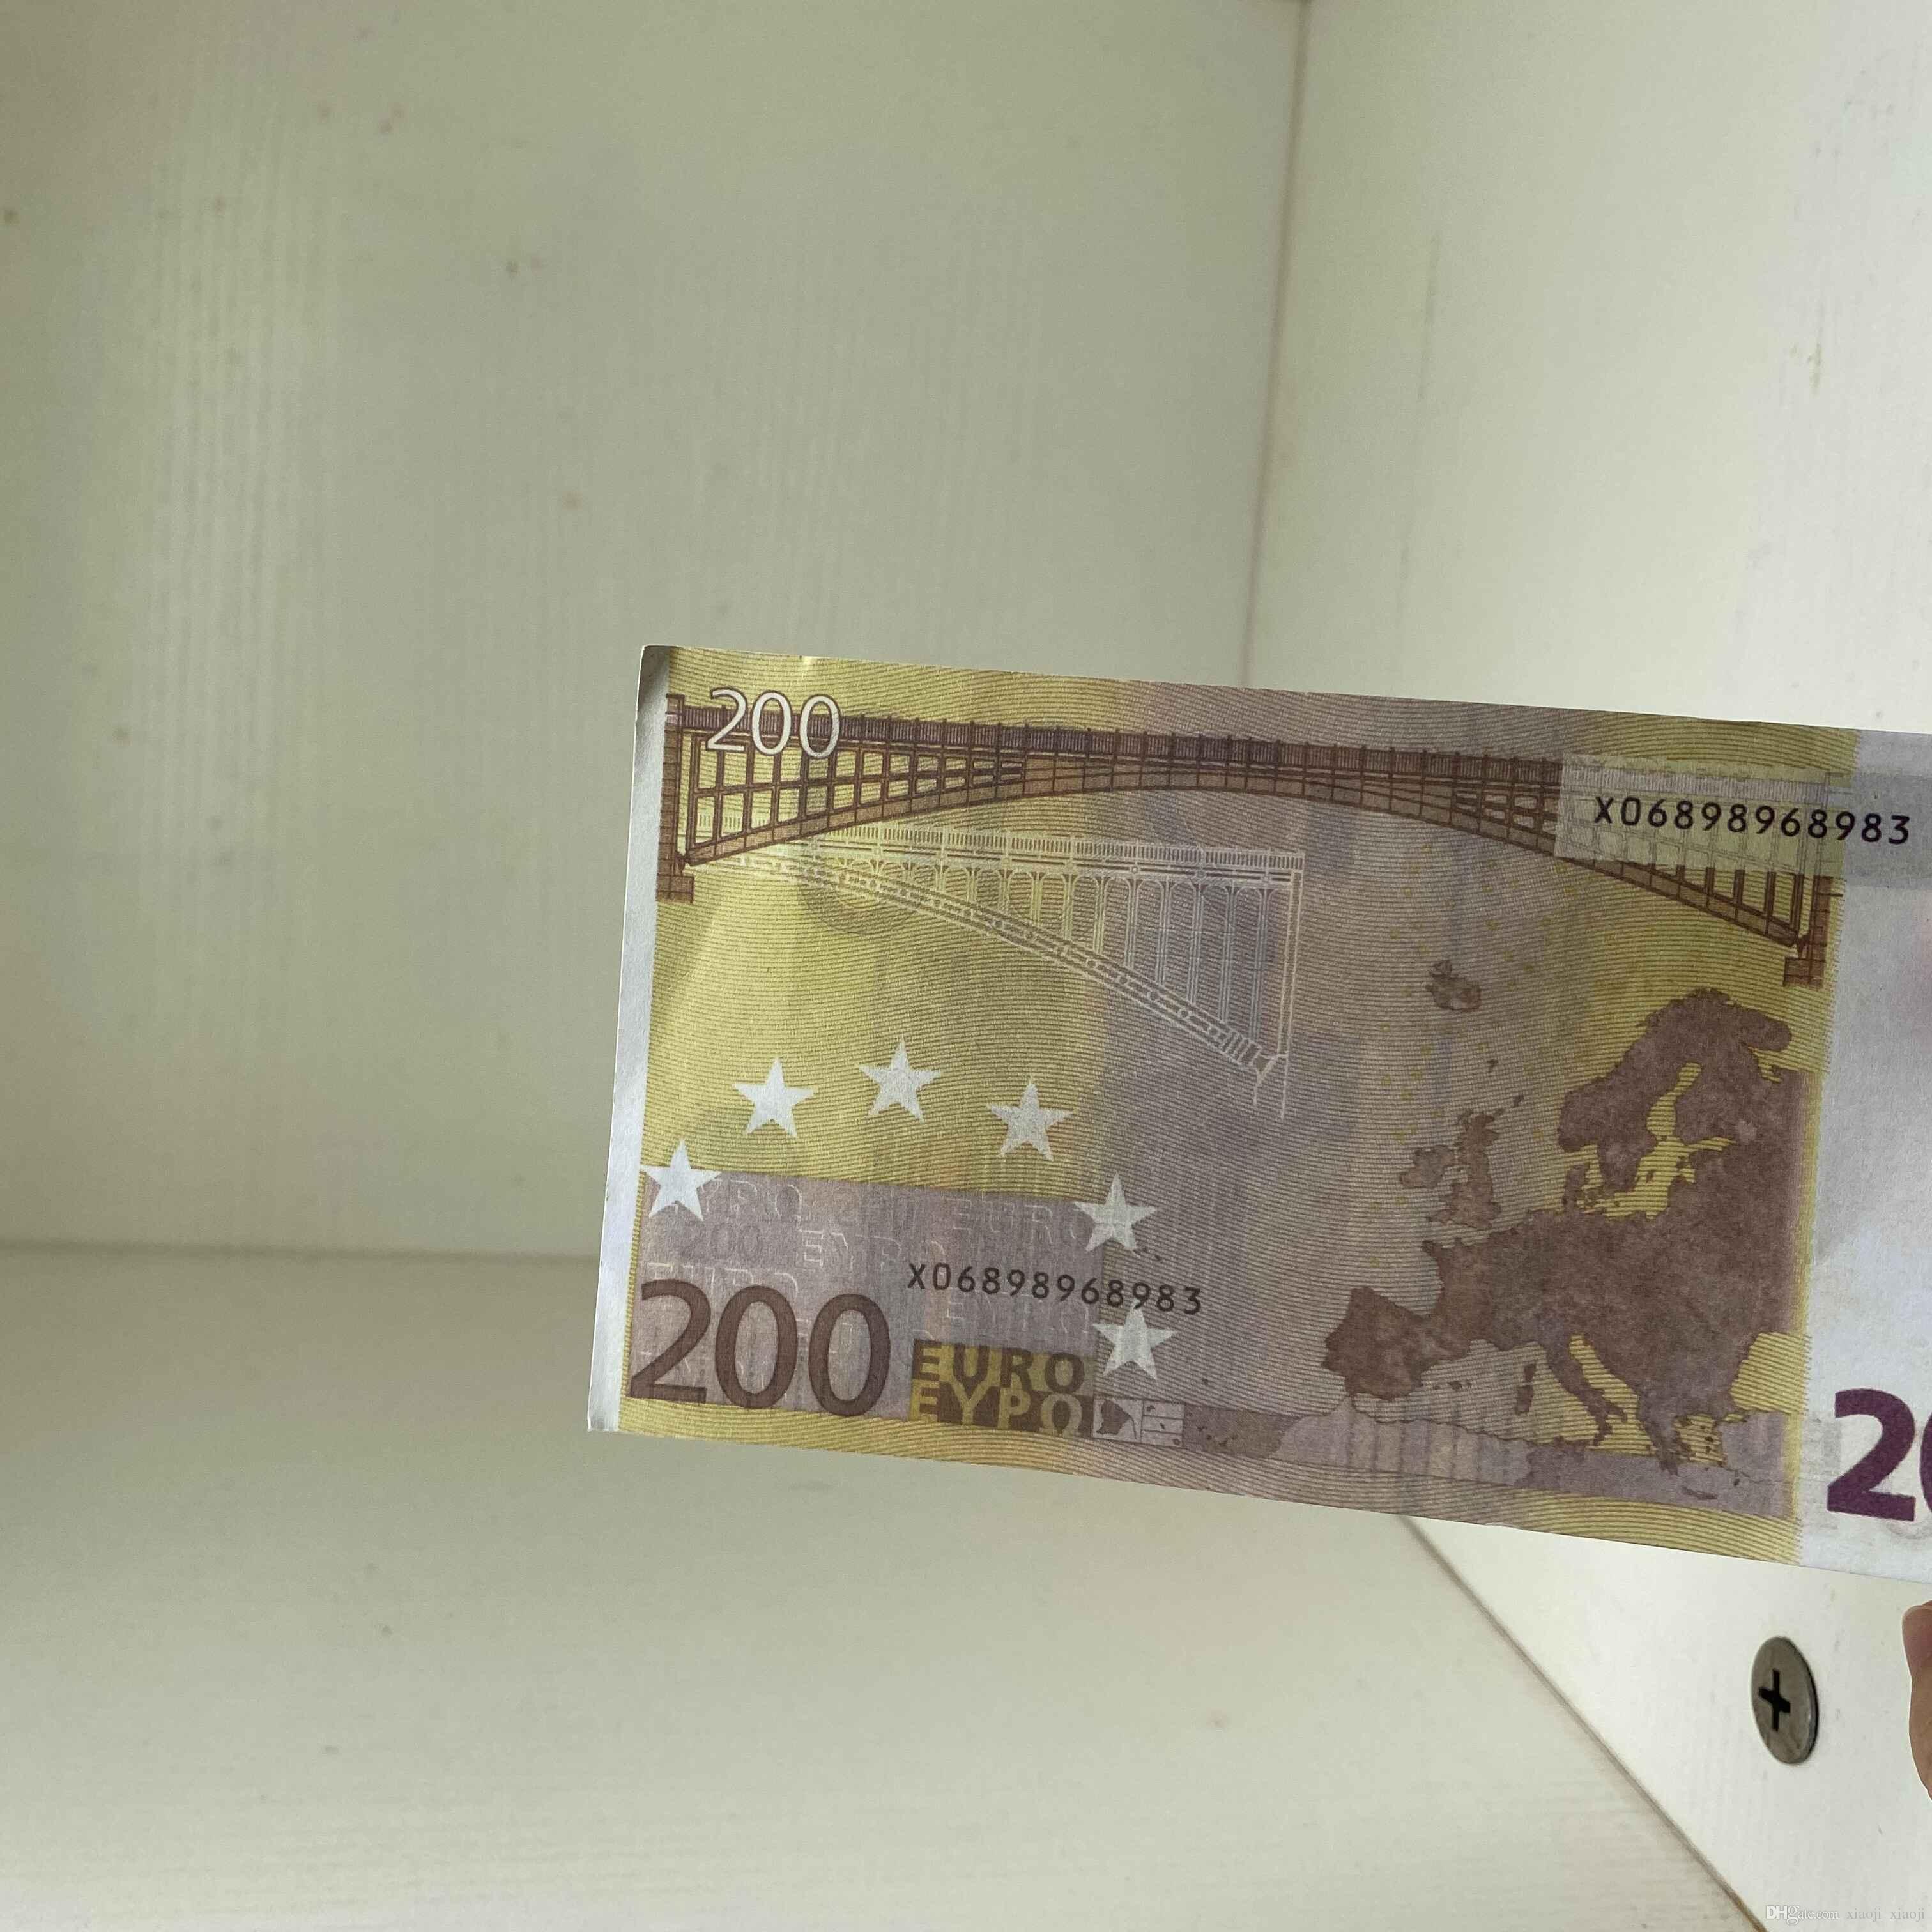 200 100 teile / paket realistische prop geld kopie banknoten gefaltete requisis sammlung spiel für papier banknote kinder berechnen euro 013 lbime